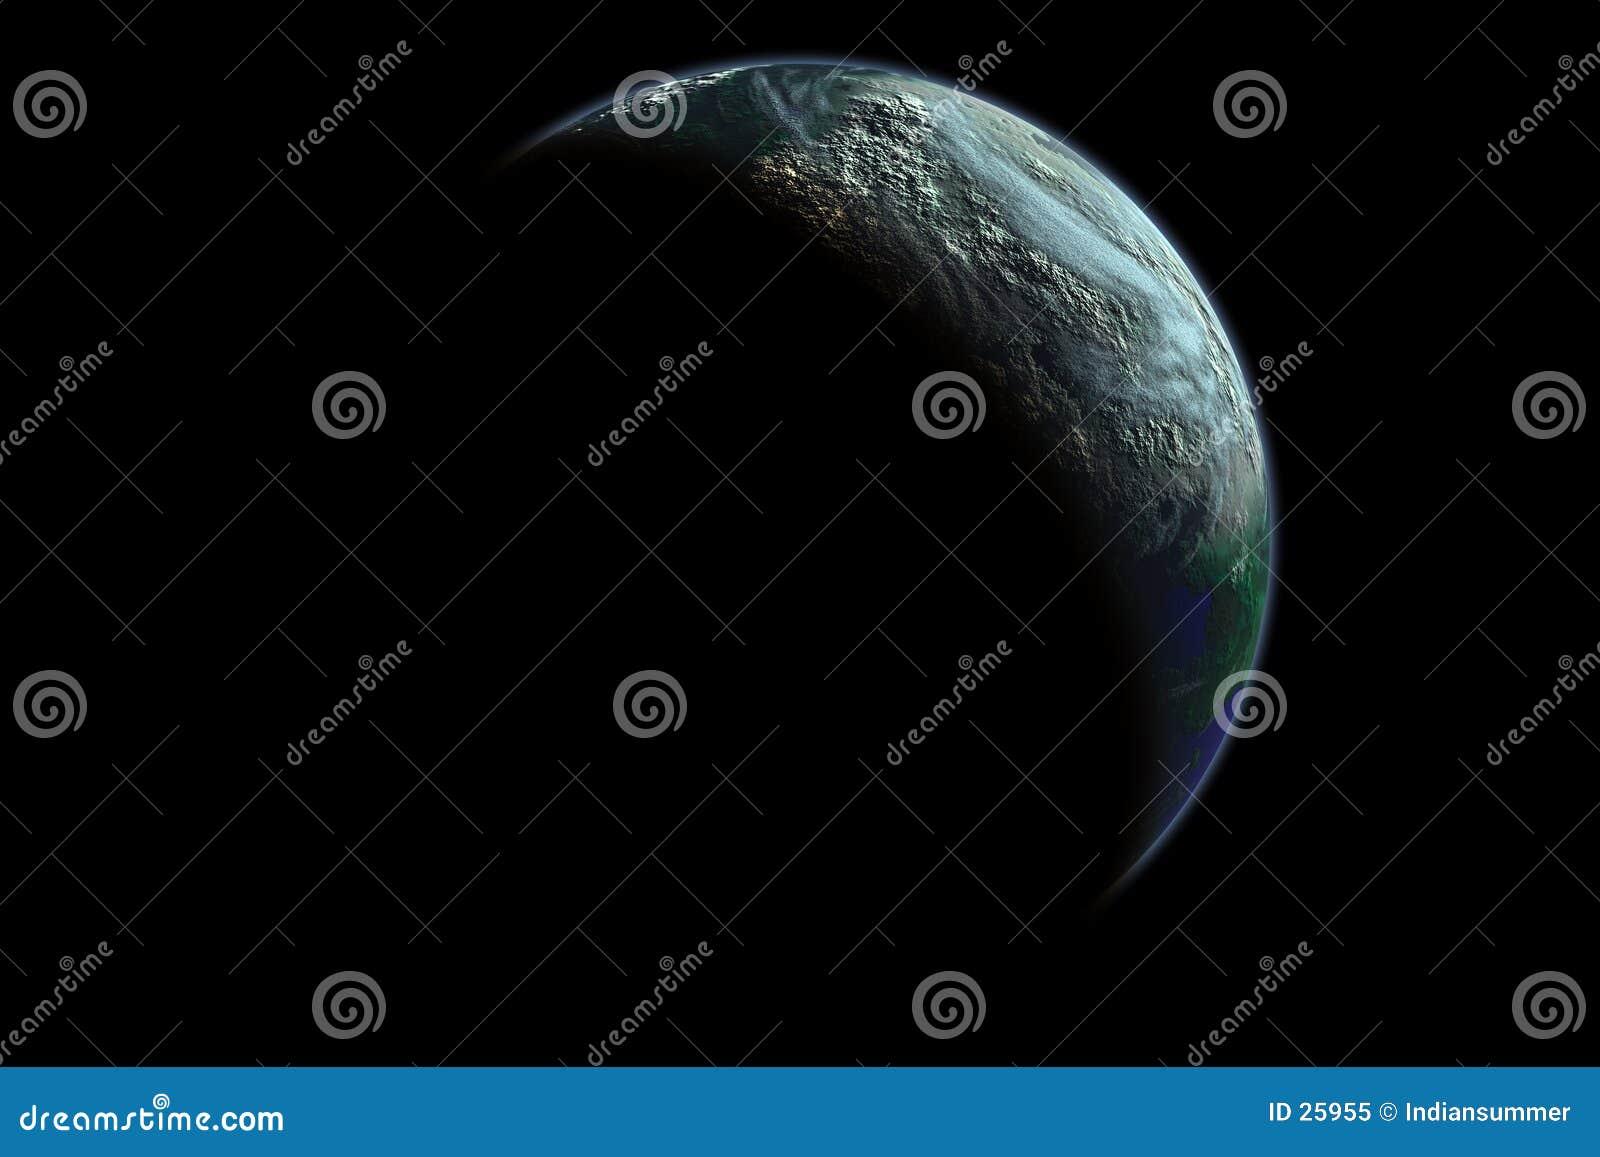 Download Conecte A Tierra El Planeta En El Amanecer Stock de ilustración - Ilustración de planetas, oscuro: 25955